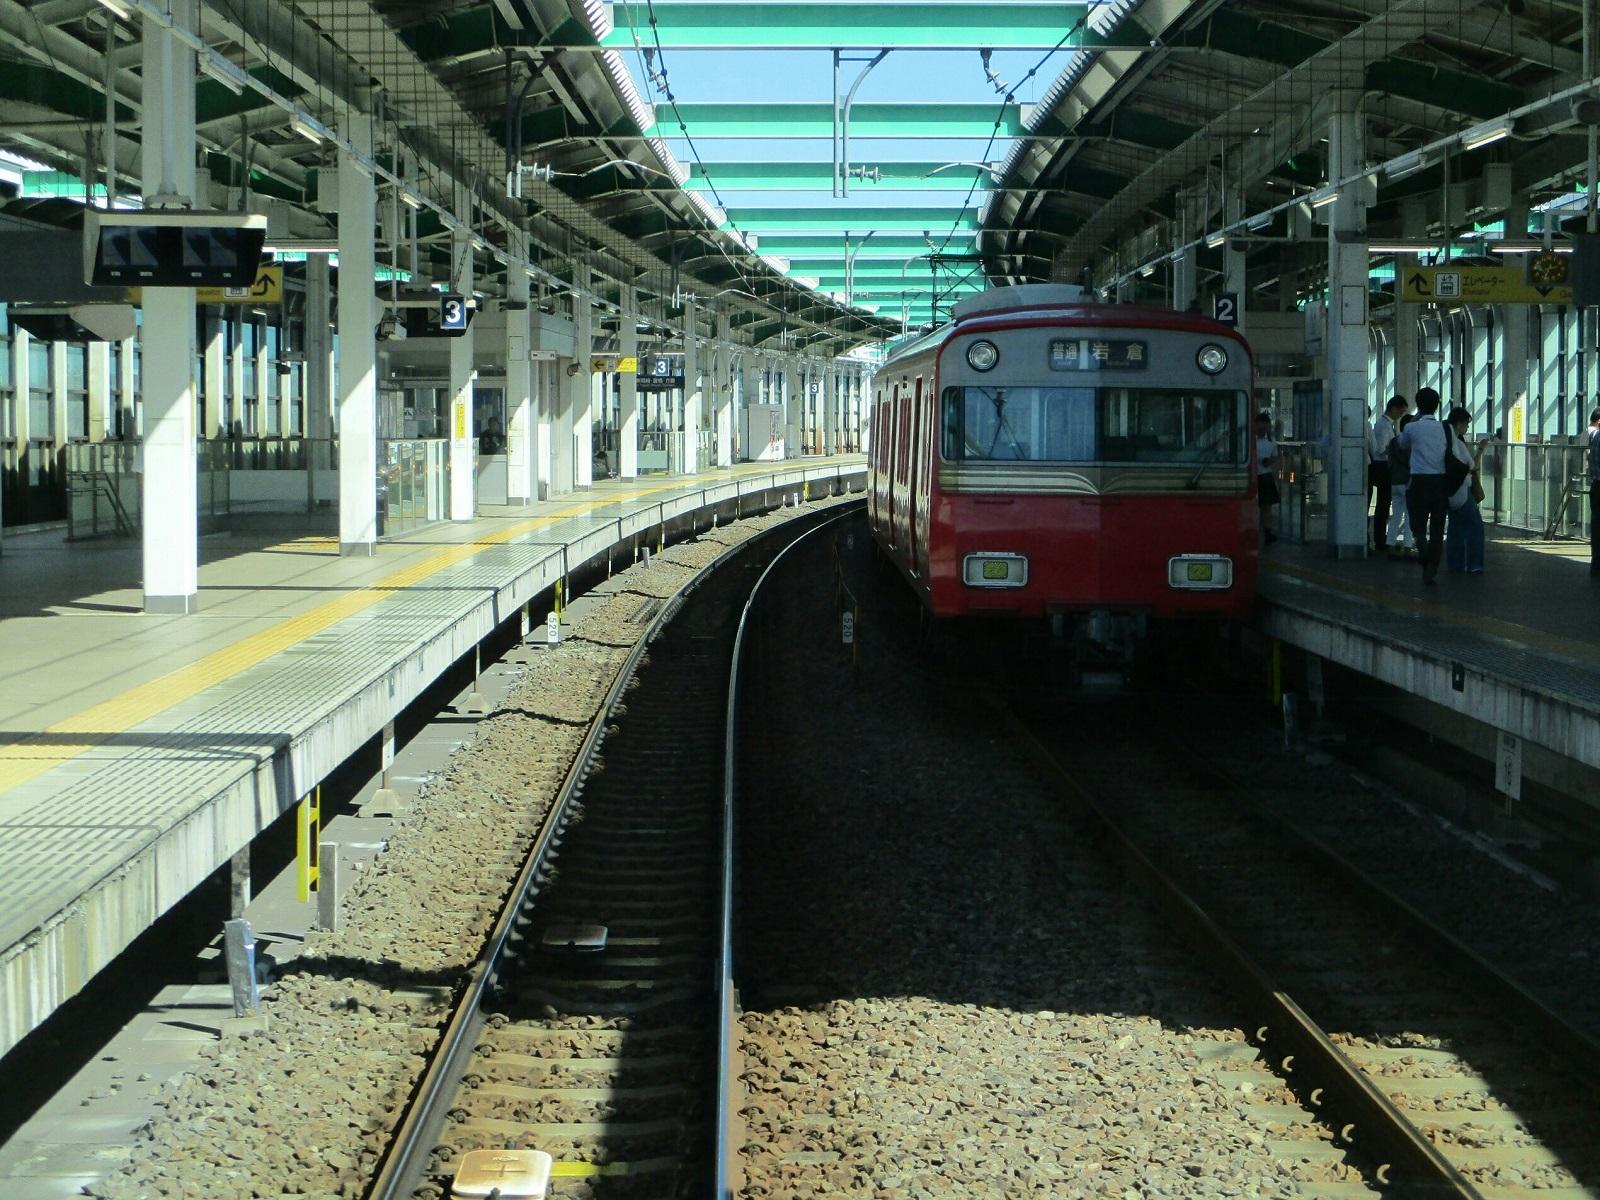 2018.8.22 (16) 東岡崎いきふつう - 鳴海(岩倉いきふつう) 1600-1200